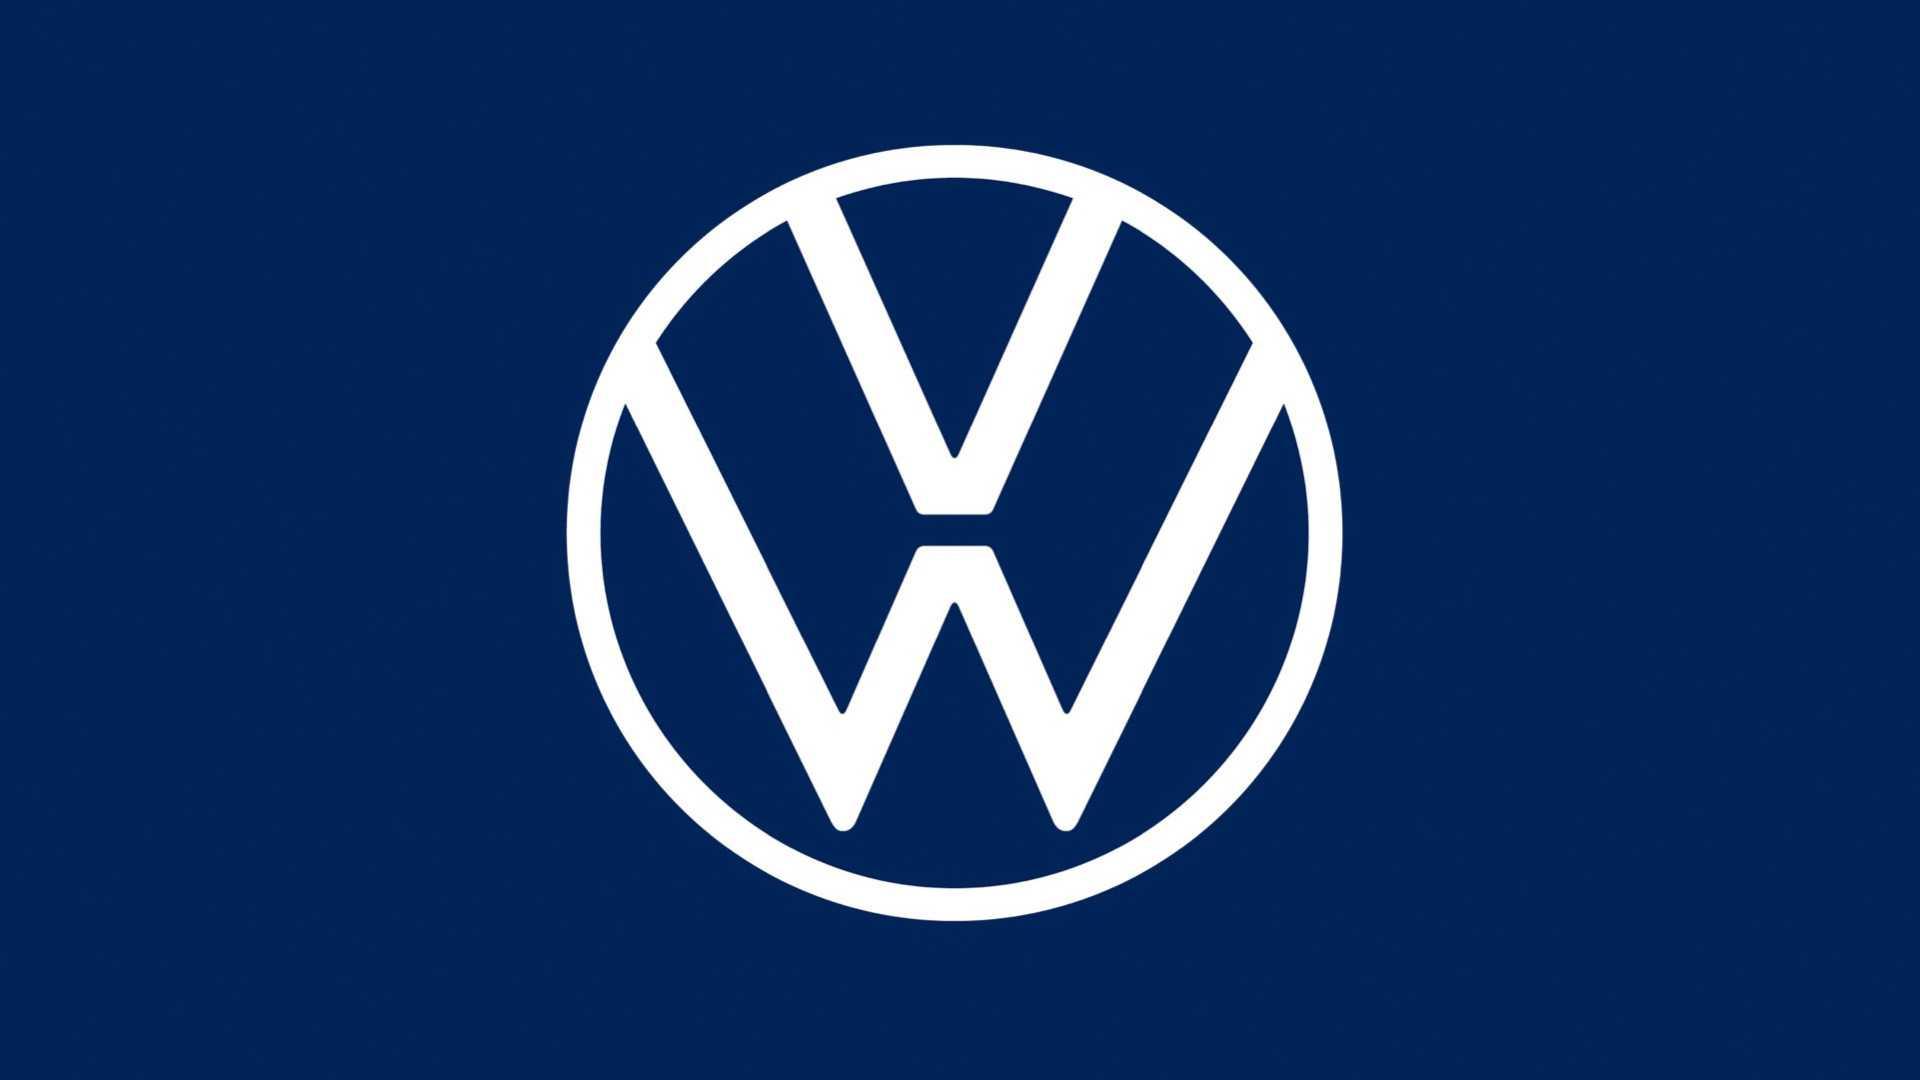 Volkswagen acquista crediti di CO2 come Fiat Chrysler - ClubAlfa.it